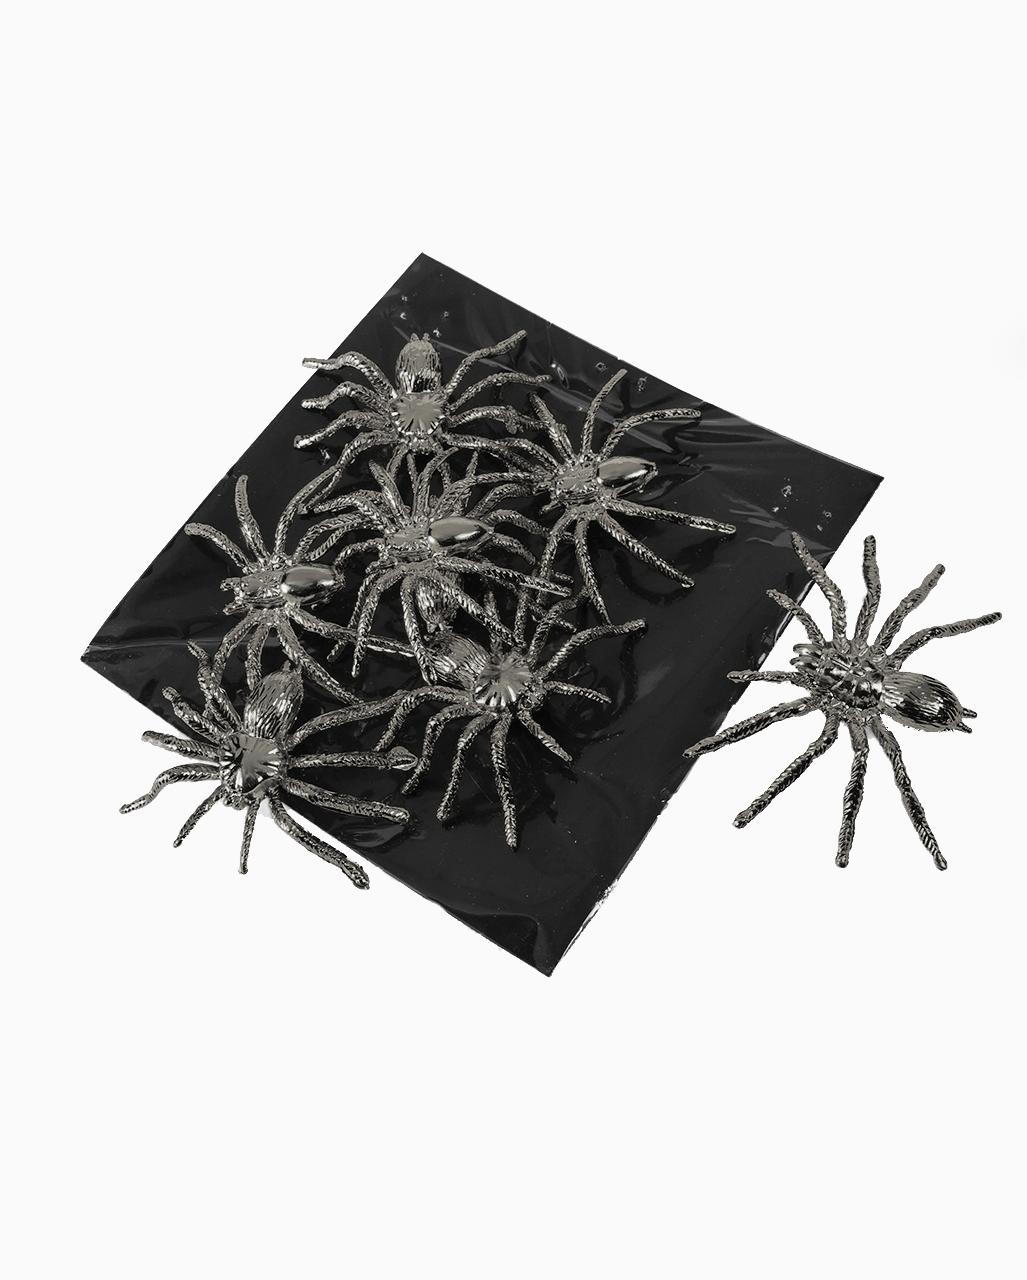 8 eklige Spinnen 8 Mäuse 8 Fledermäuse Kunststoff Dekoration Halloween